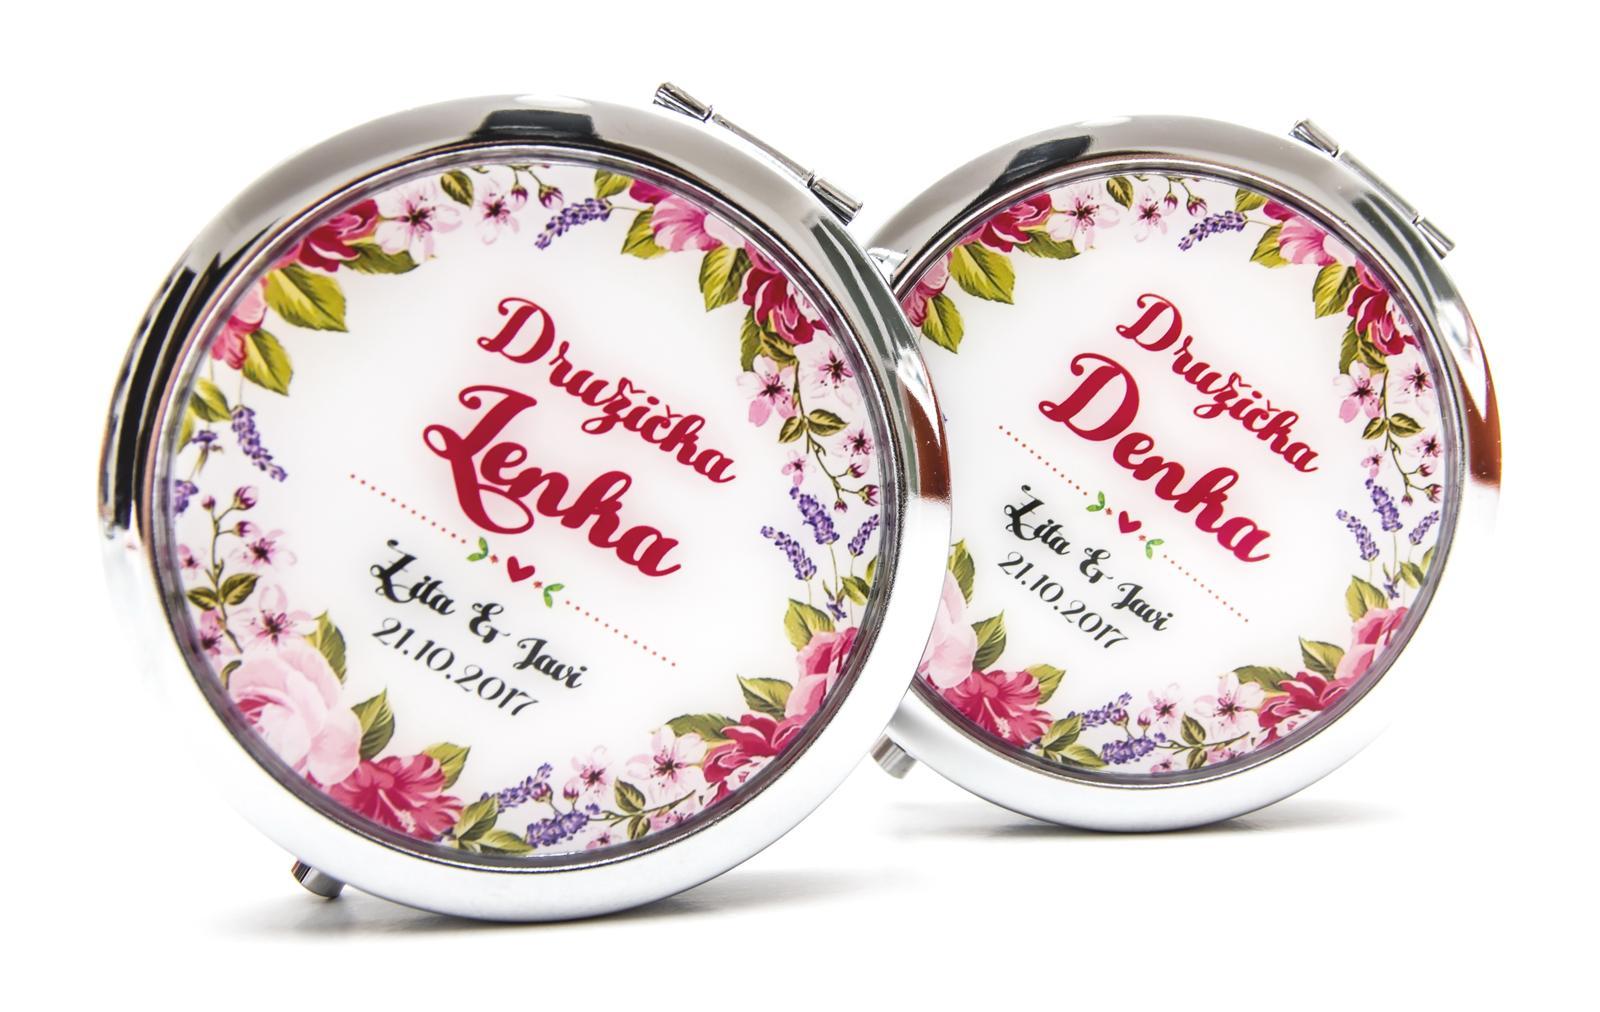 Zrkadielka na želanie - Zrkadielko s kvetinovym motivom II.